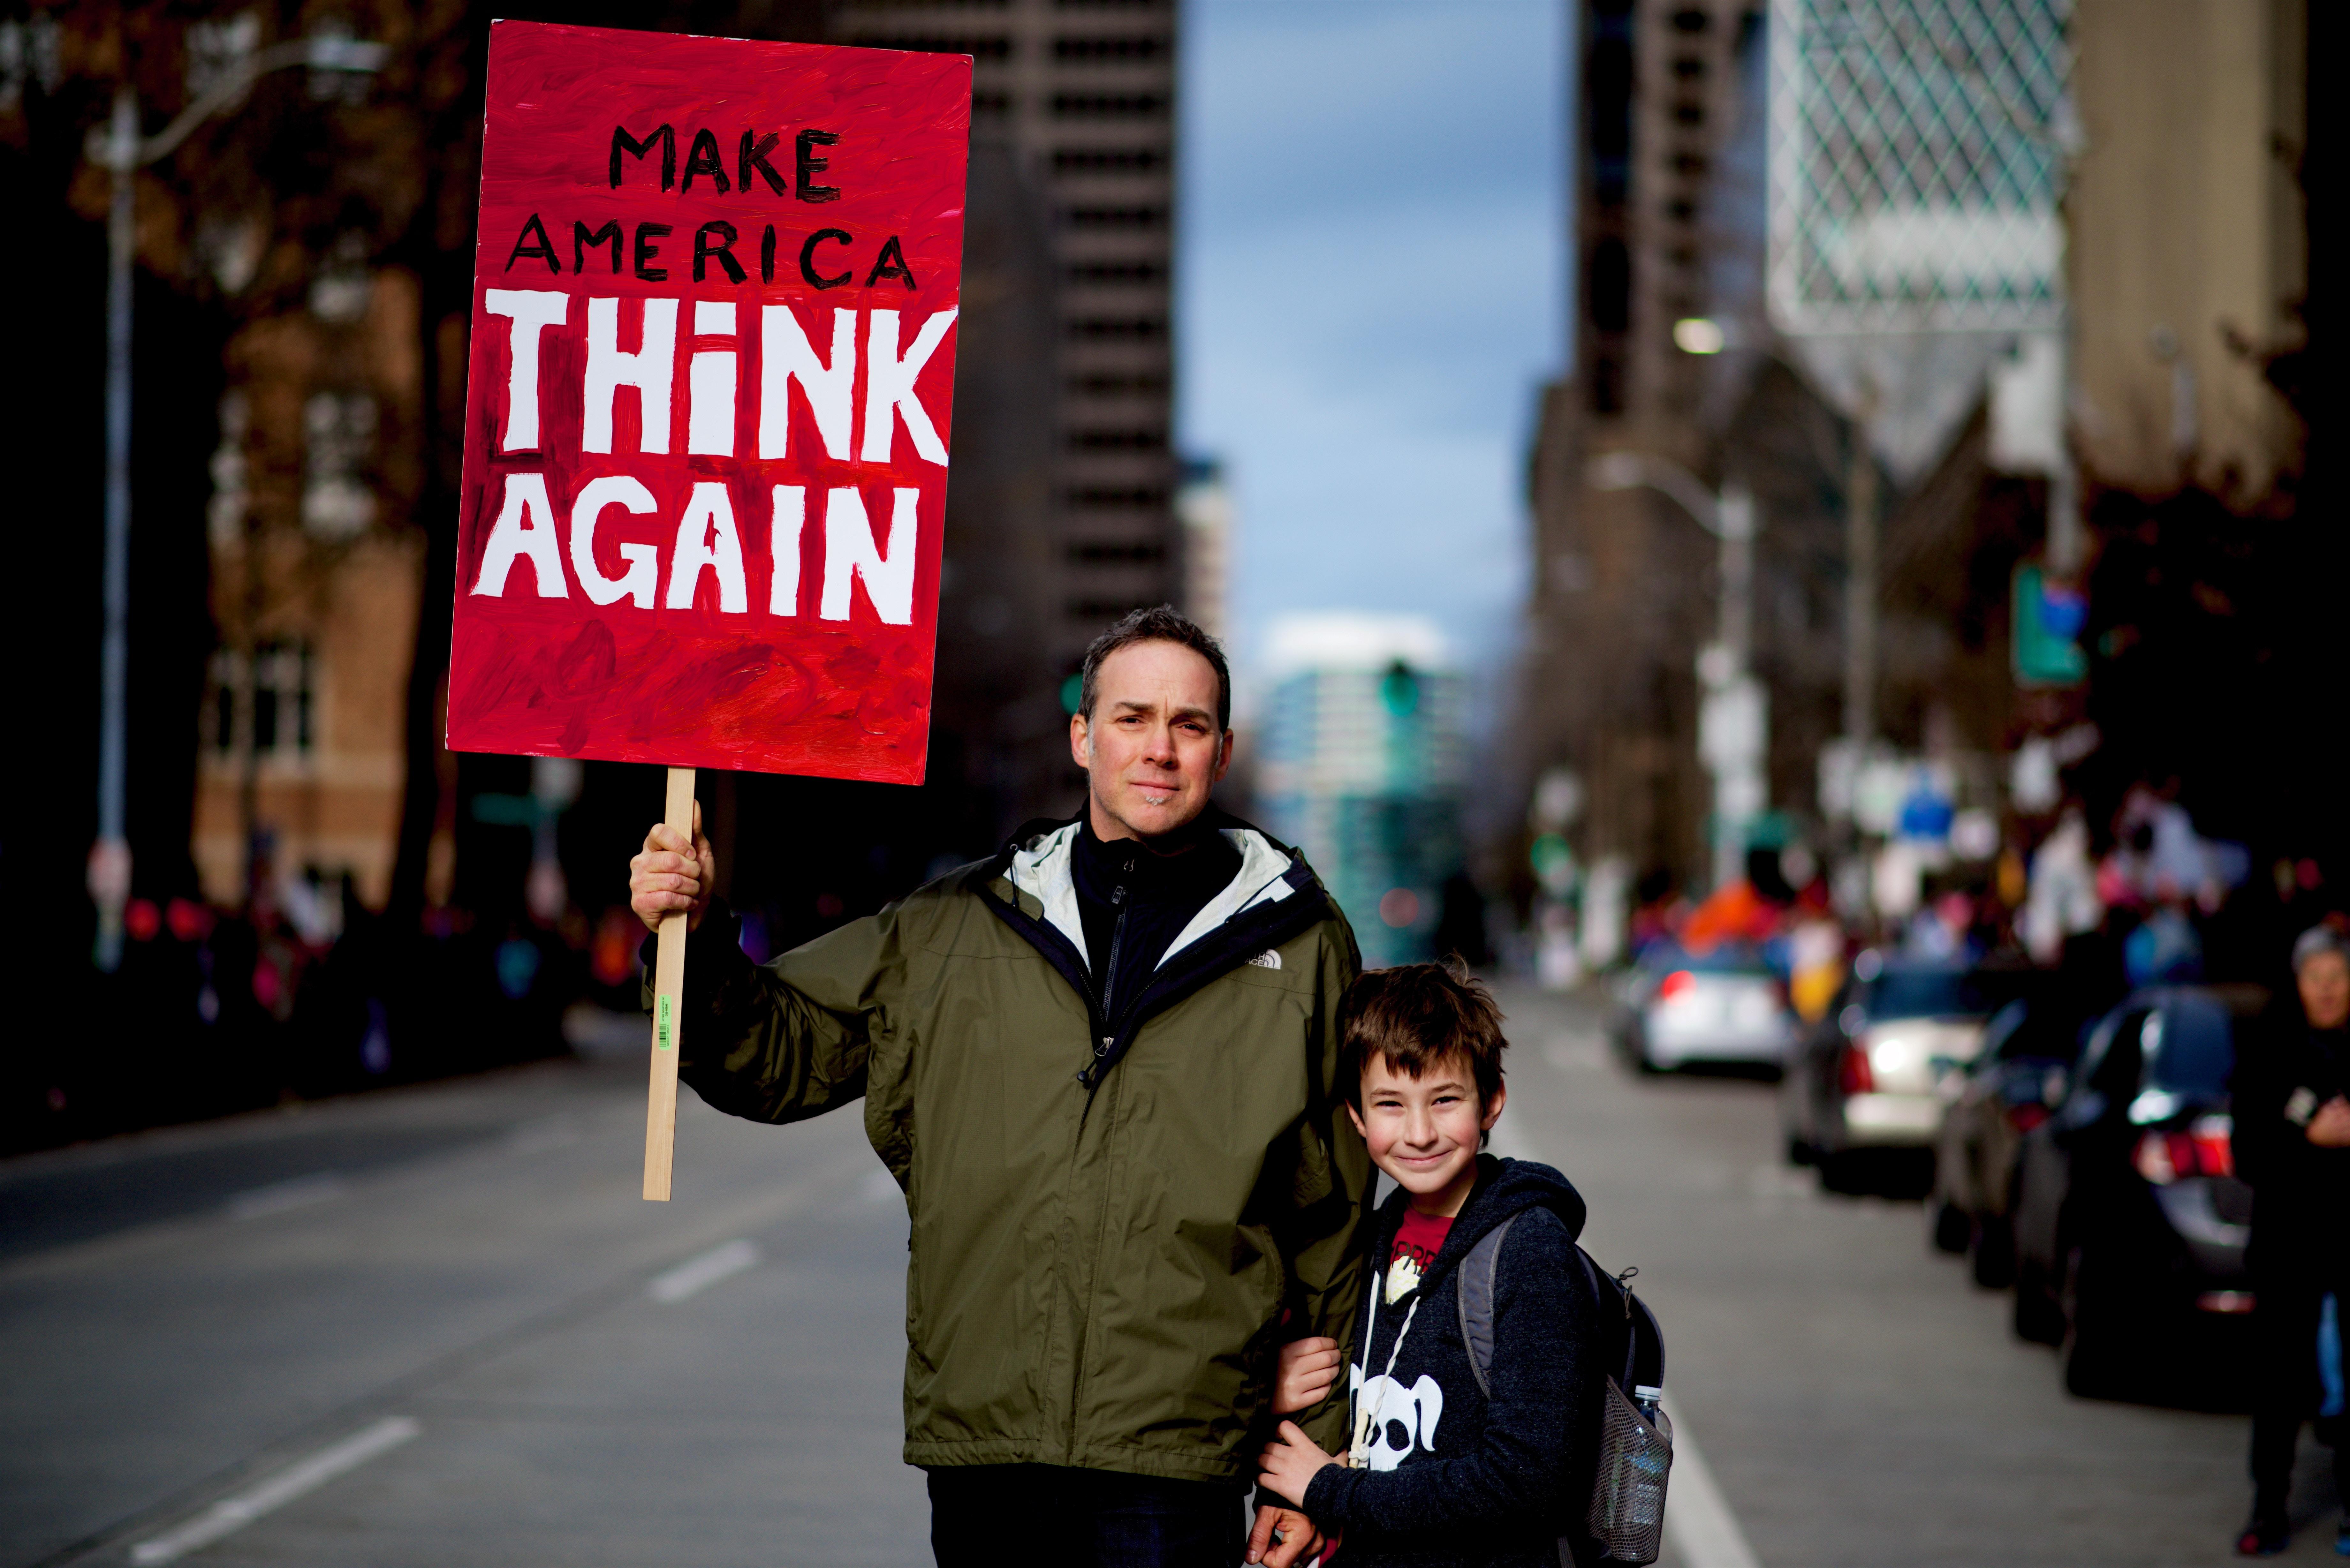 Make America Think Again Sign